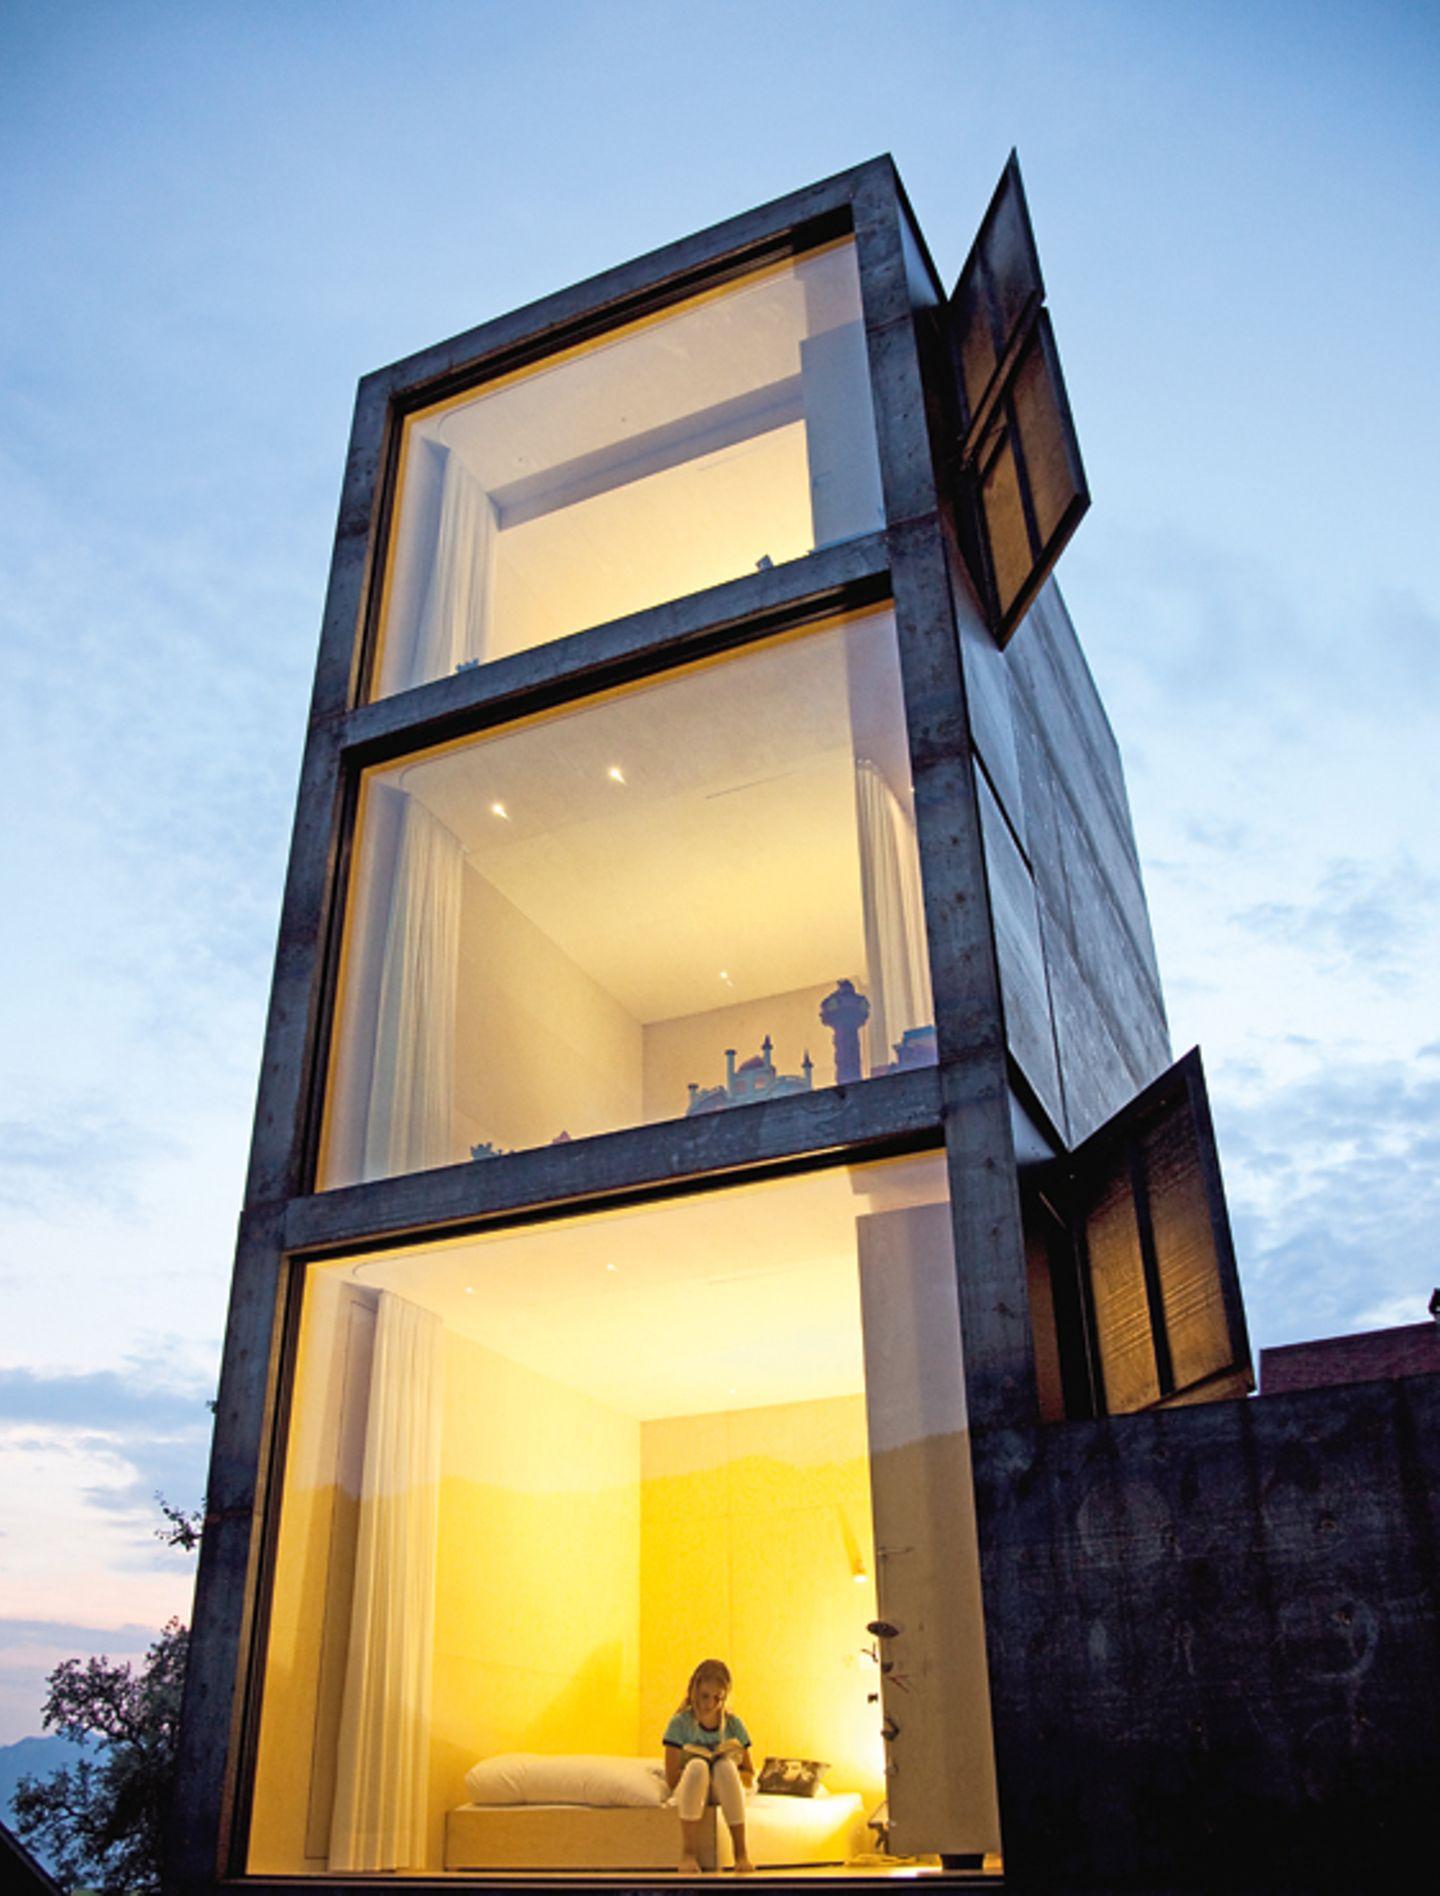 Gestapeltes Wohnen im Turm